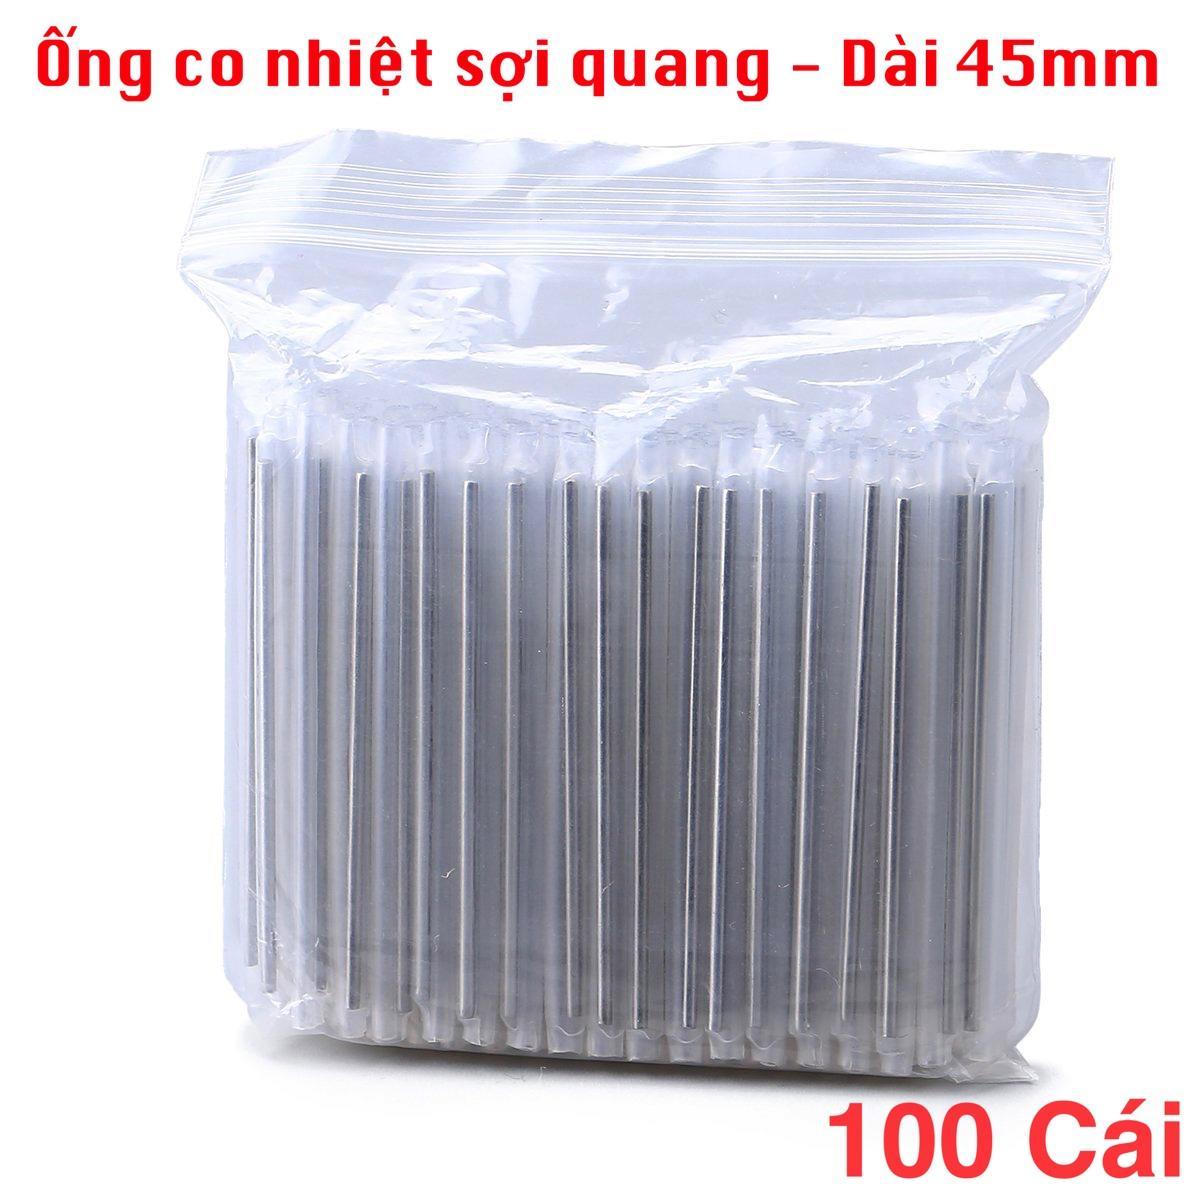 Giá Bộ 100 Ống co nhiệt bảo vệ mối hàn sợi quang 45mm